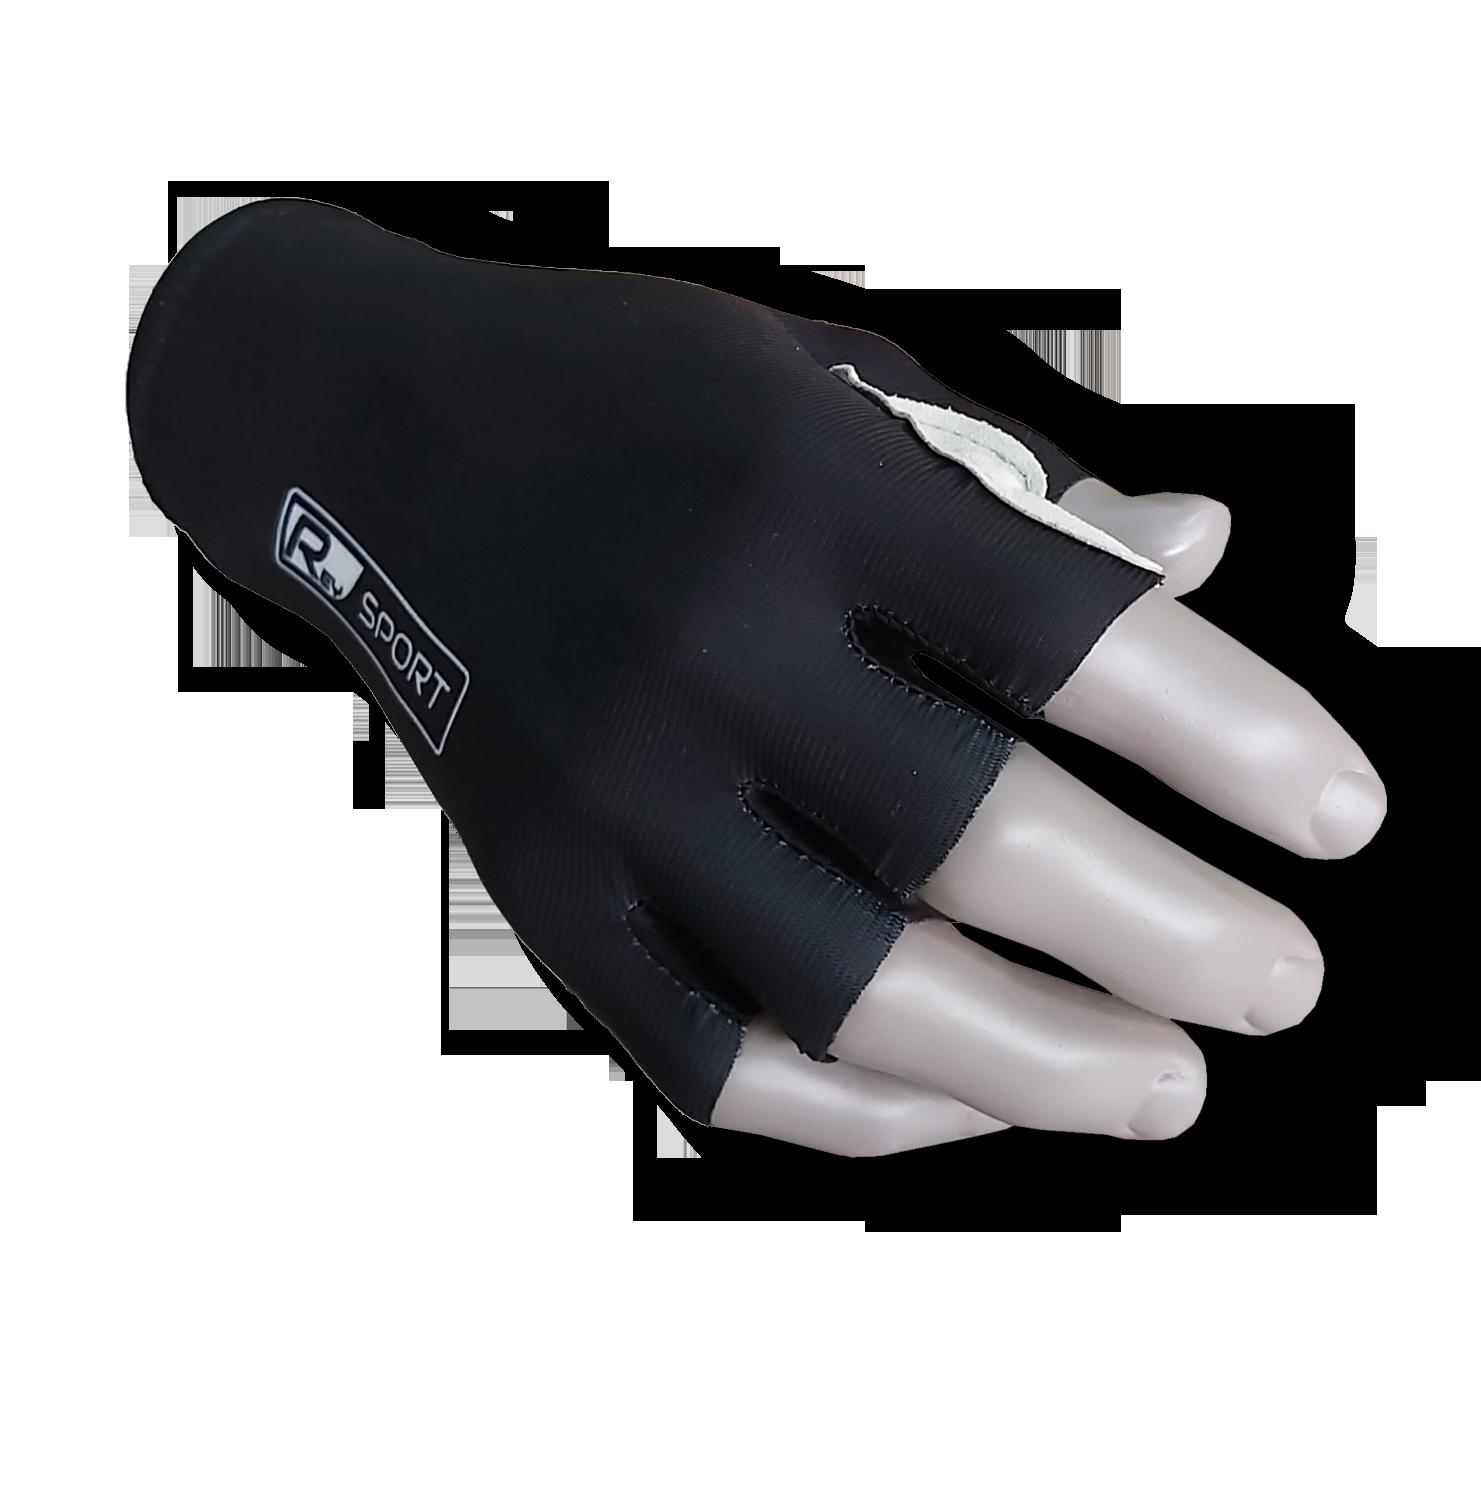 Fietshandschoenen eigen ontwerp. Fietshandschoenen zomer. Fietshandschoenen kort. Aero handschoenen. Wielerhandschoenen